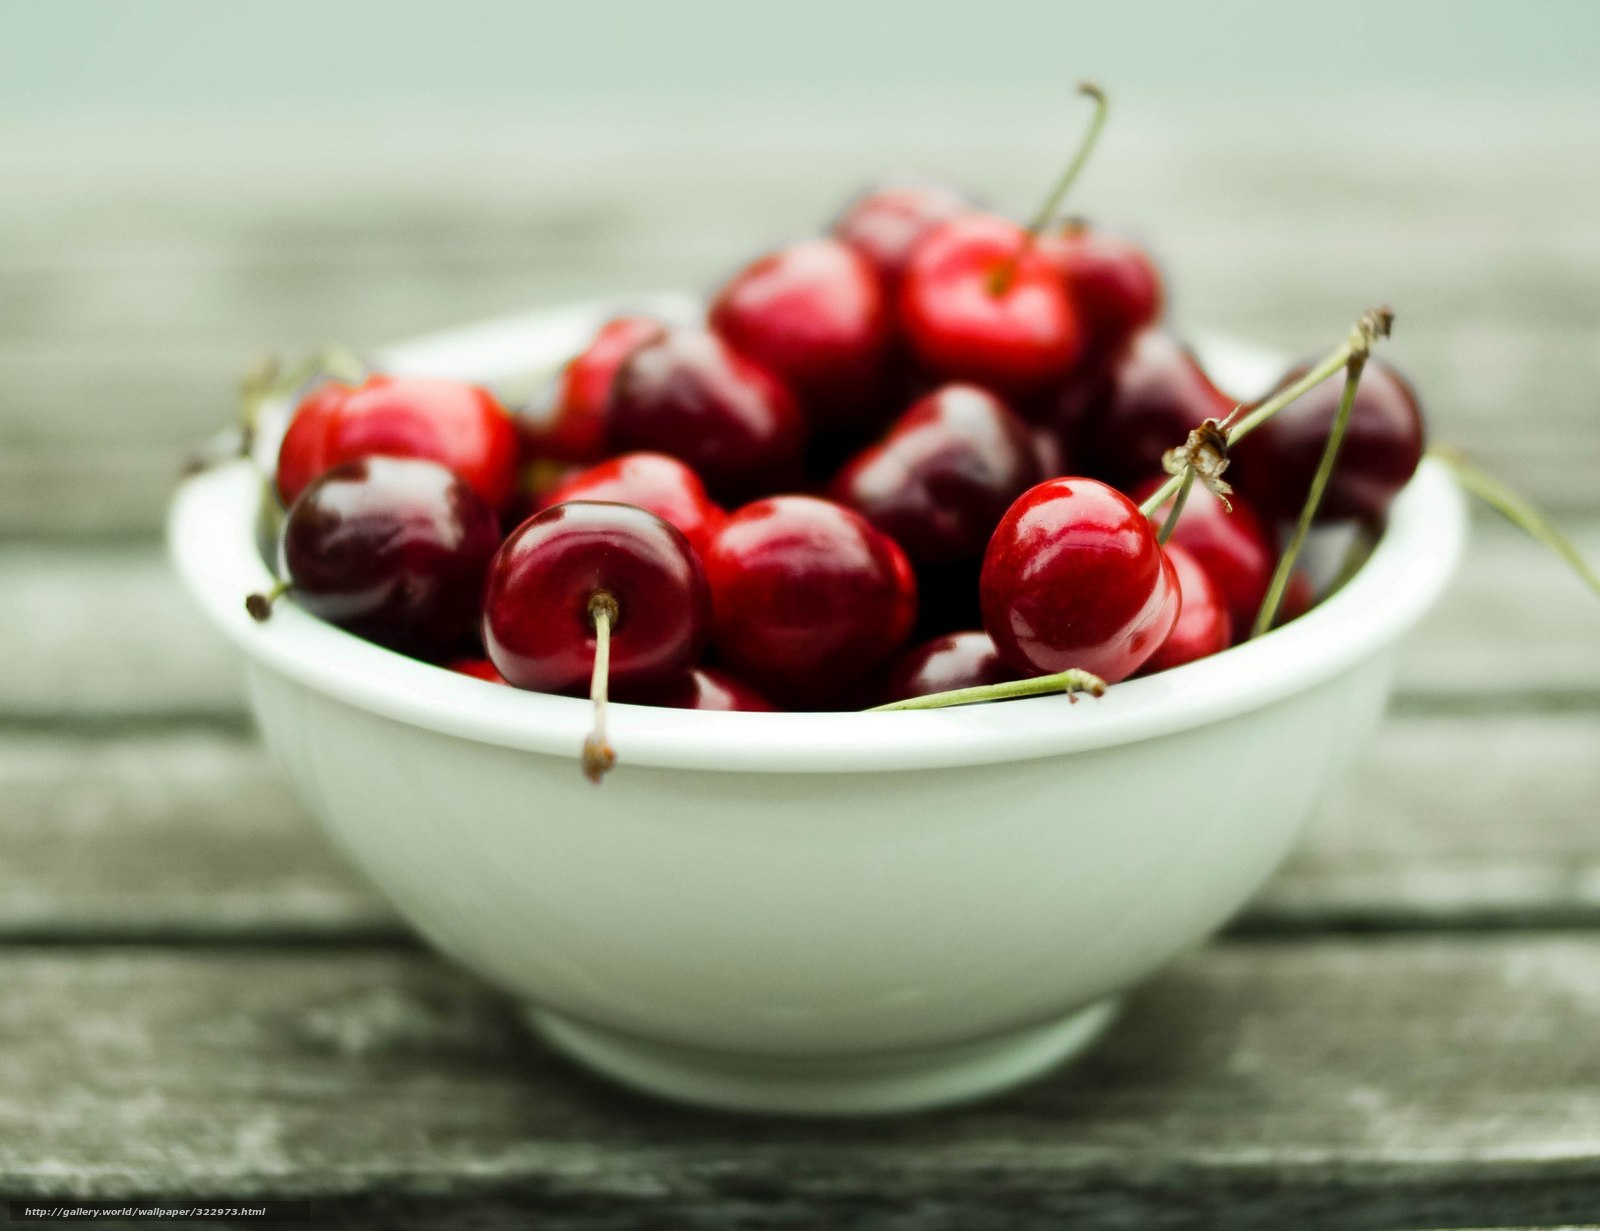 Скачать обои тарелка ягоды витамины